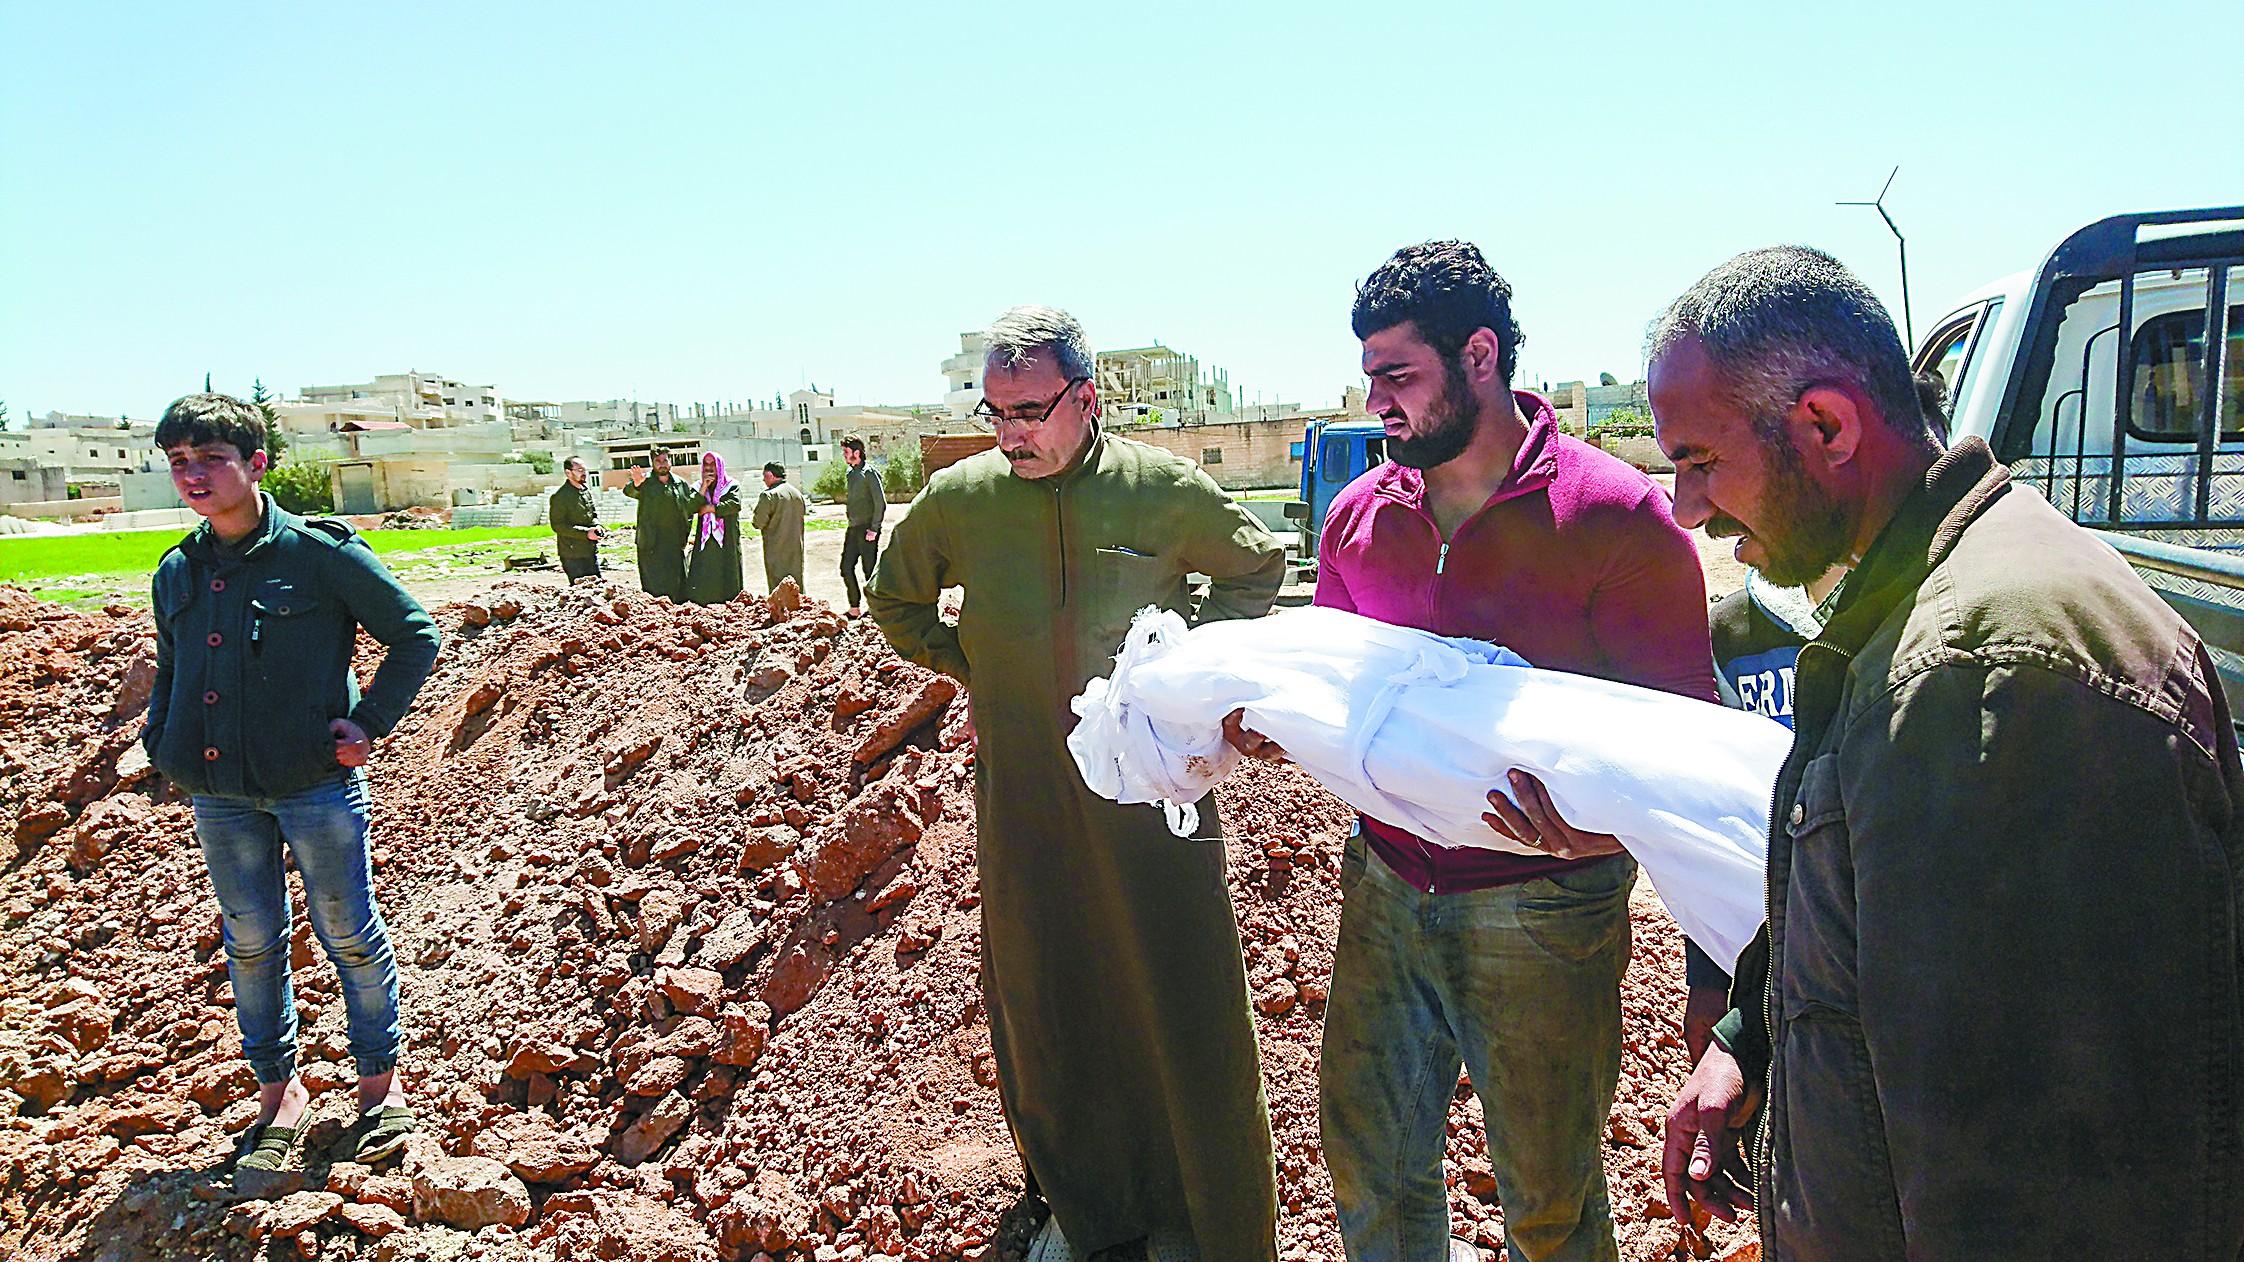 叙利亚化武疑云加剧大国角力 中方主张公正调查